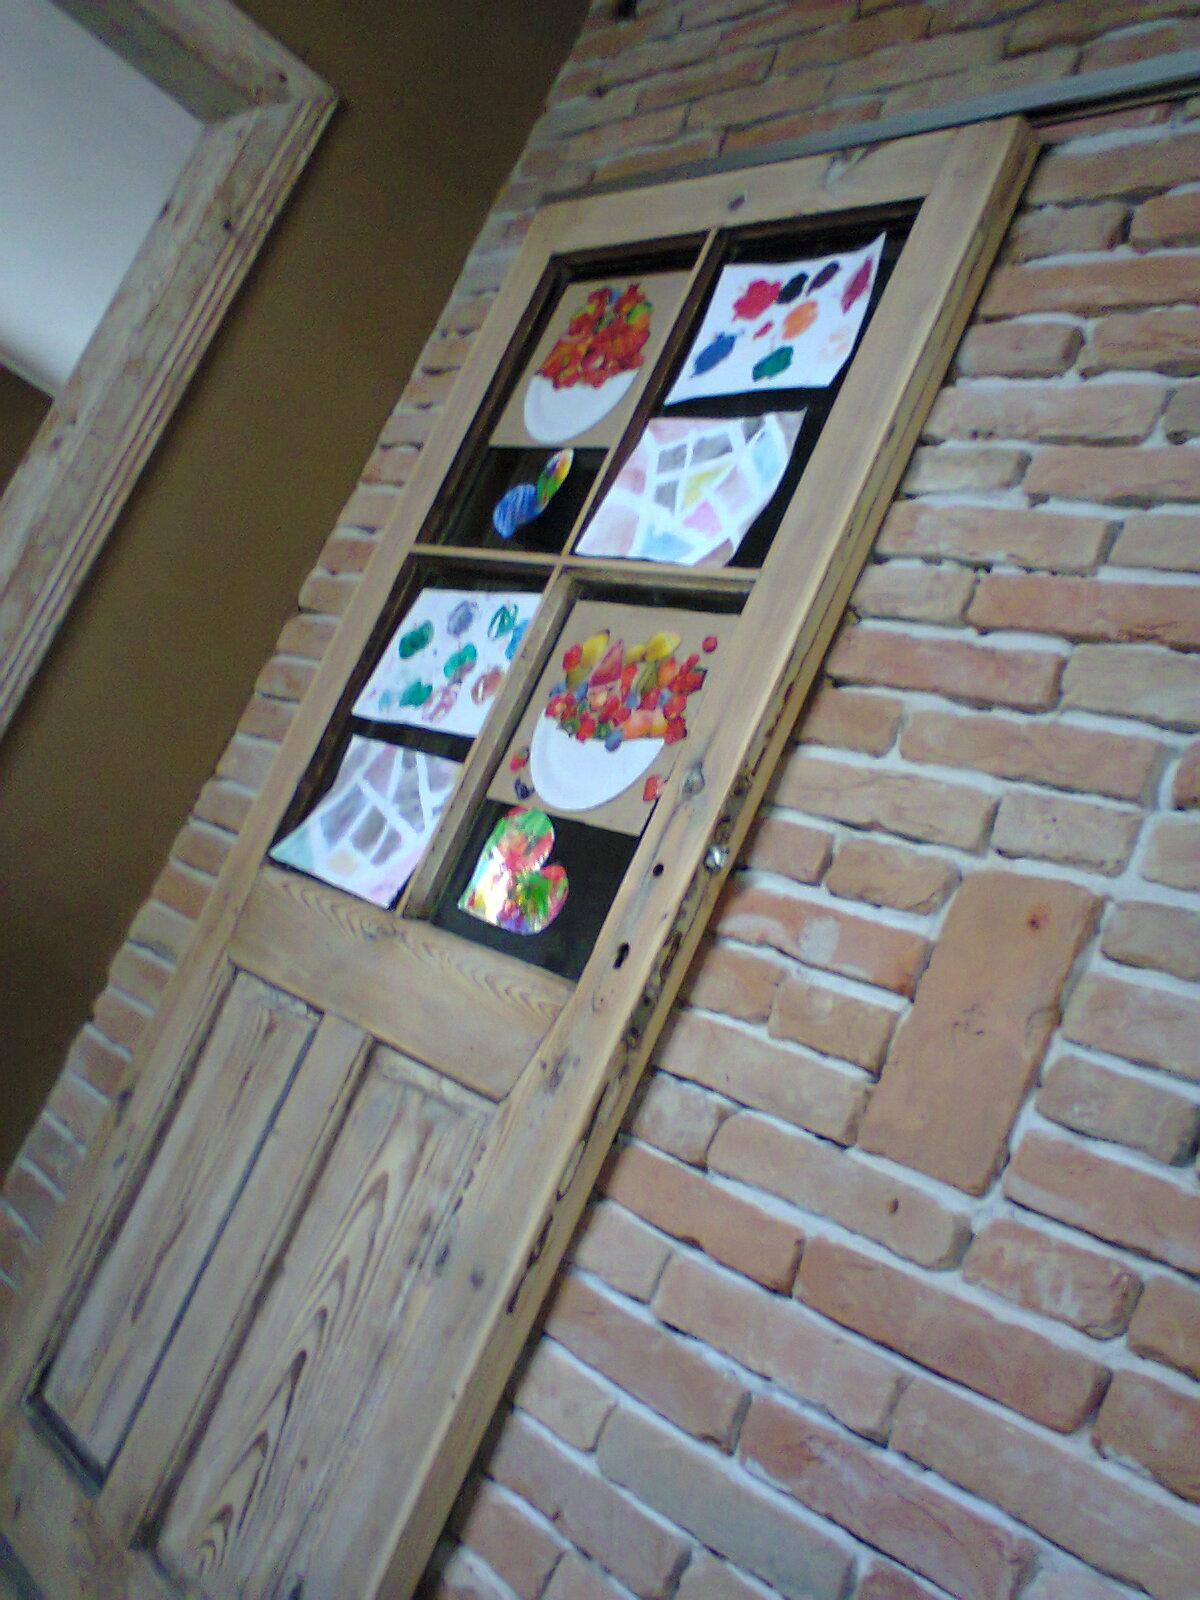 Dom na (H)rádku - 2014 dvere do kupelne konecne zavesene, sukromie zabezpecili deti svojimi vytvormi :-D